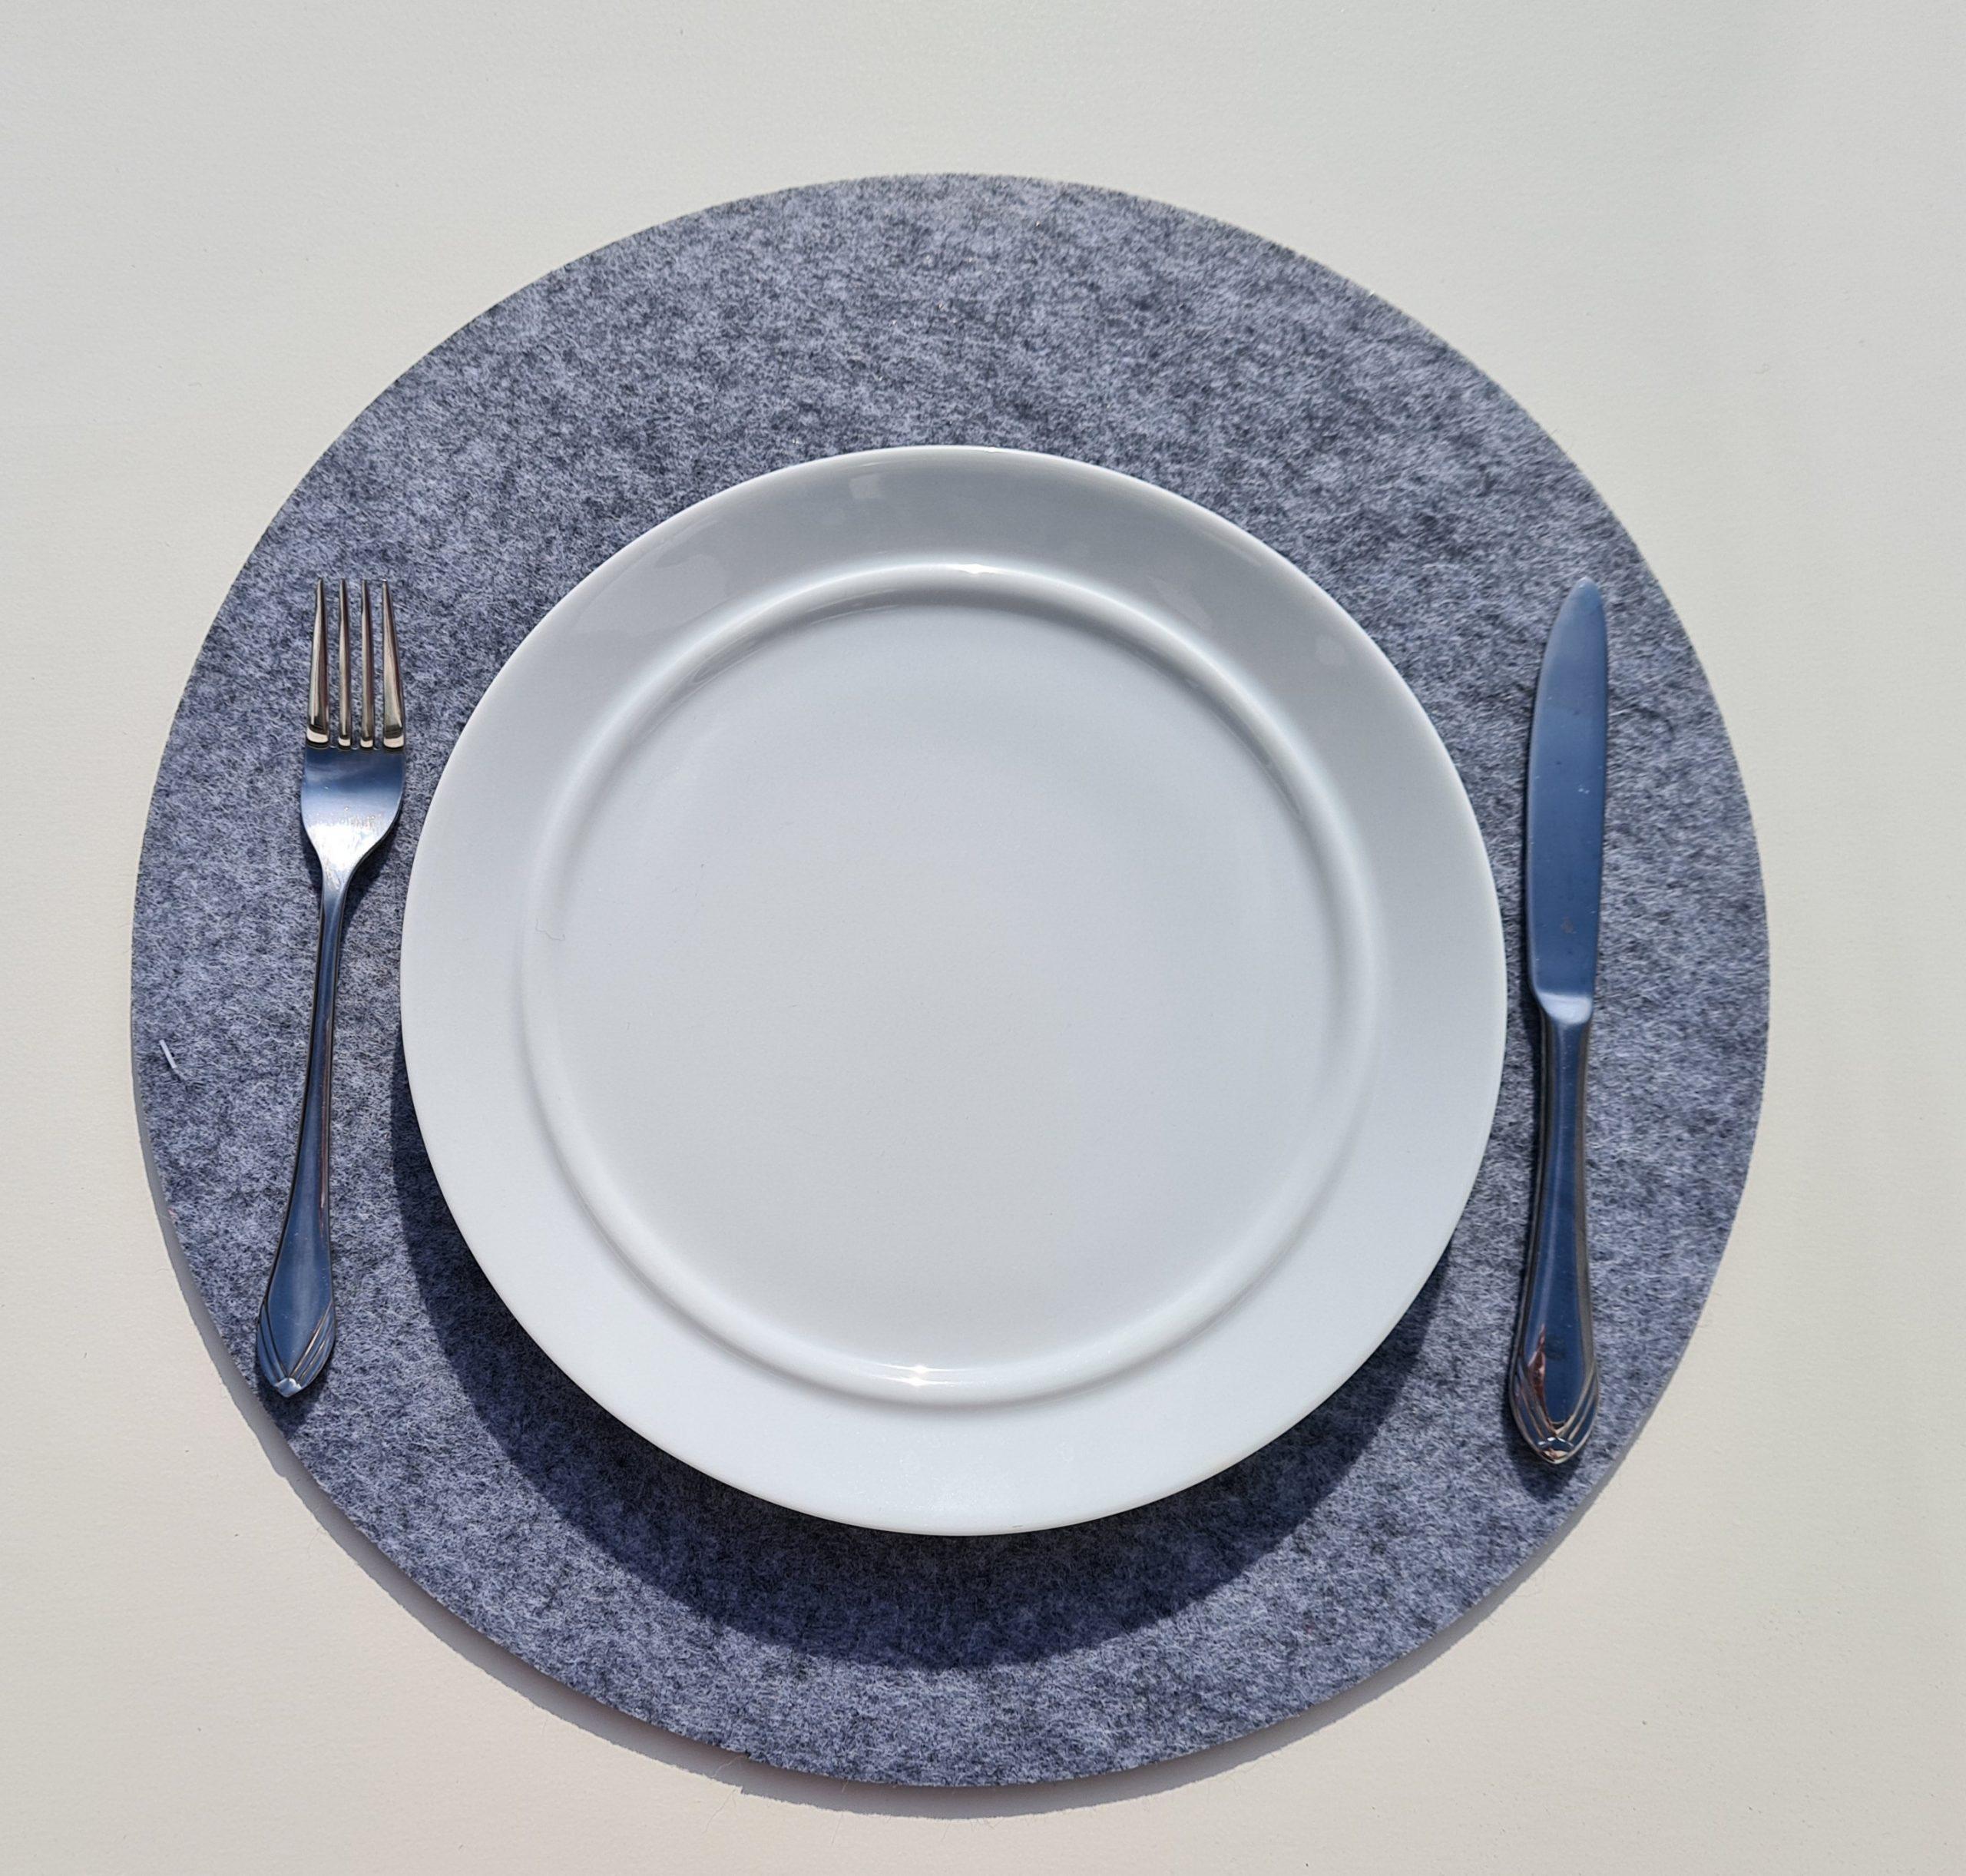 Hellgrauer Filz-Untersetzter rund mit Teller und Besteck - Handgemachte individualisierbare Taschen, Körbe, Tischsets, Dekoartikel und mehr auf fideko.de der Onlineshop seit 2011